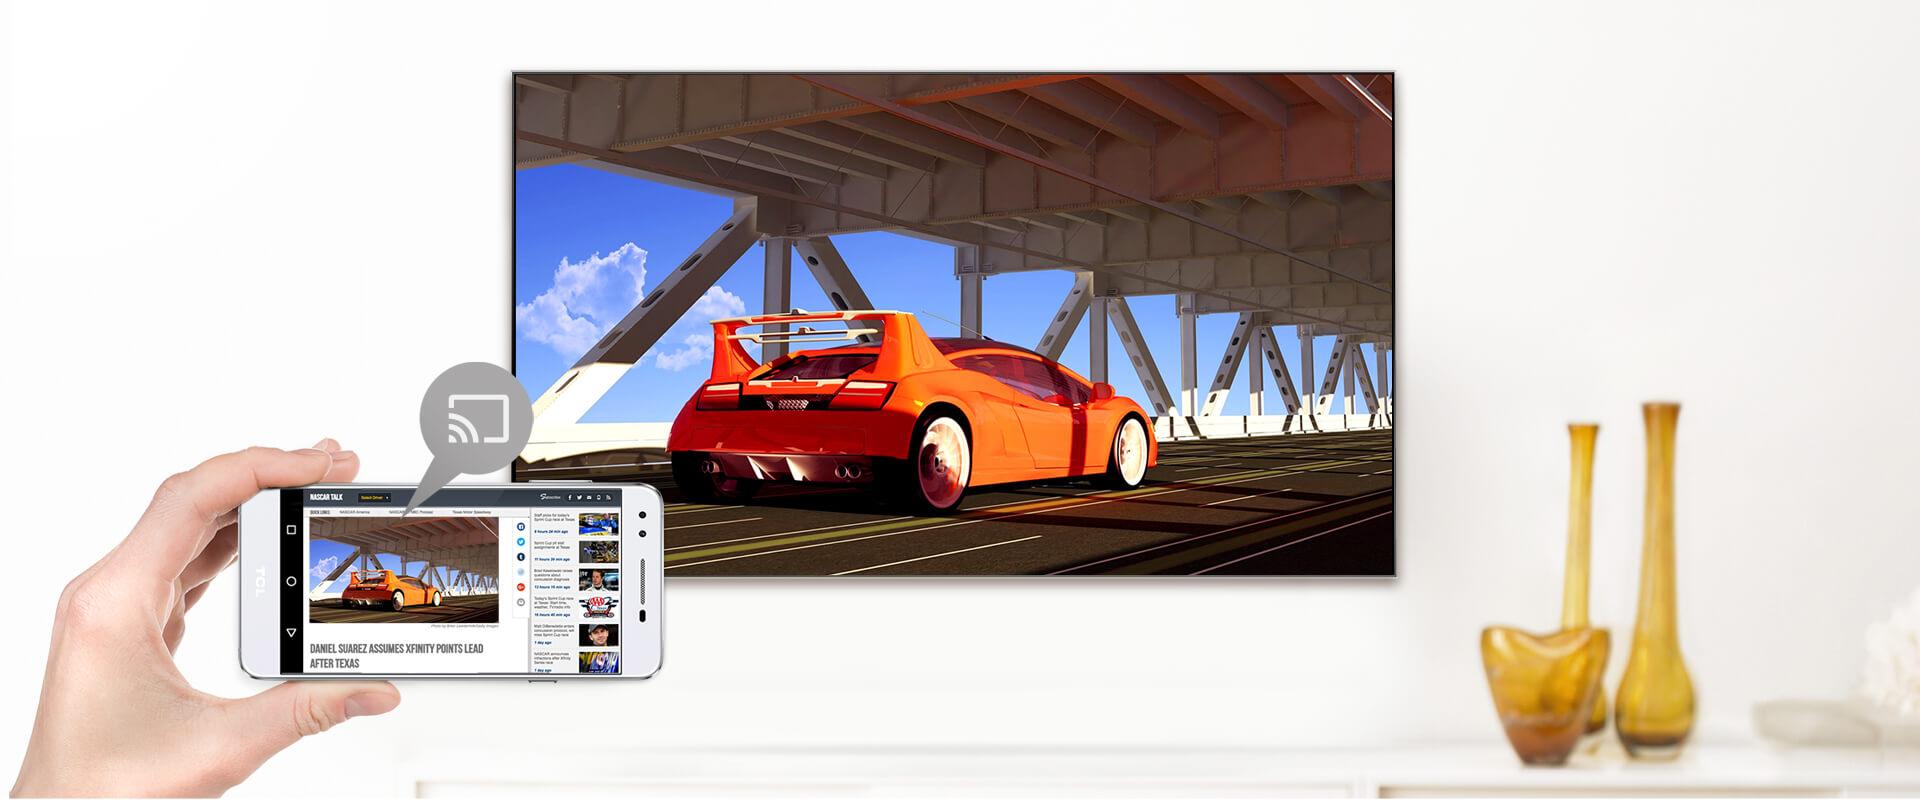 Smart tivi TCL43 inch L43S5200 TRUYỀN TỚI MÀN HÌNH LỚN HƠN, TỐT HƠN VỚI CHROMECAST